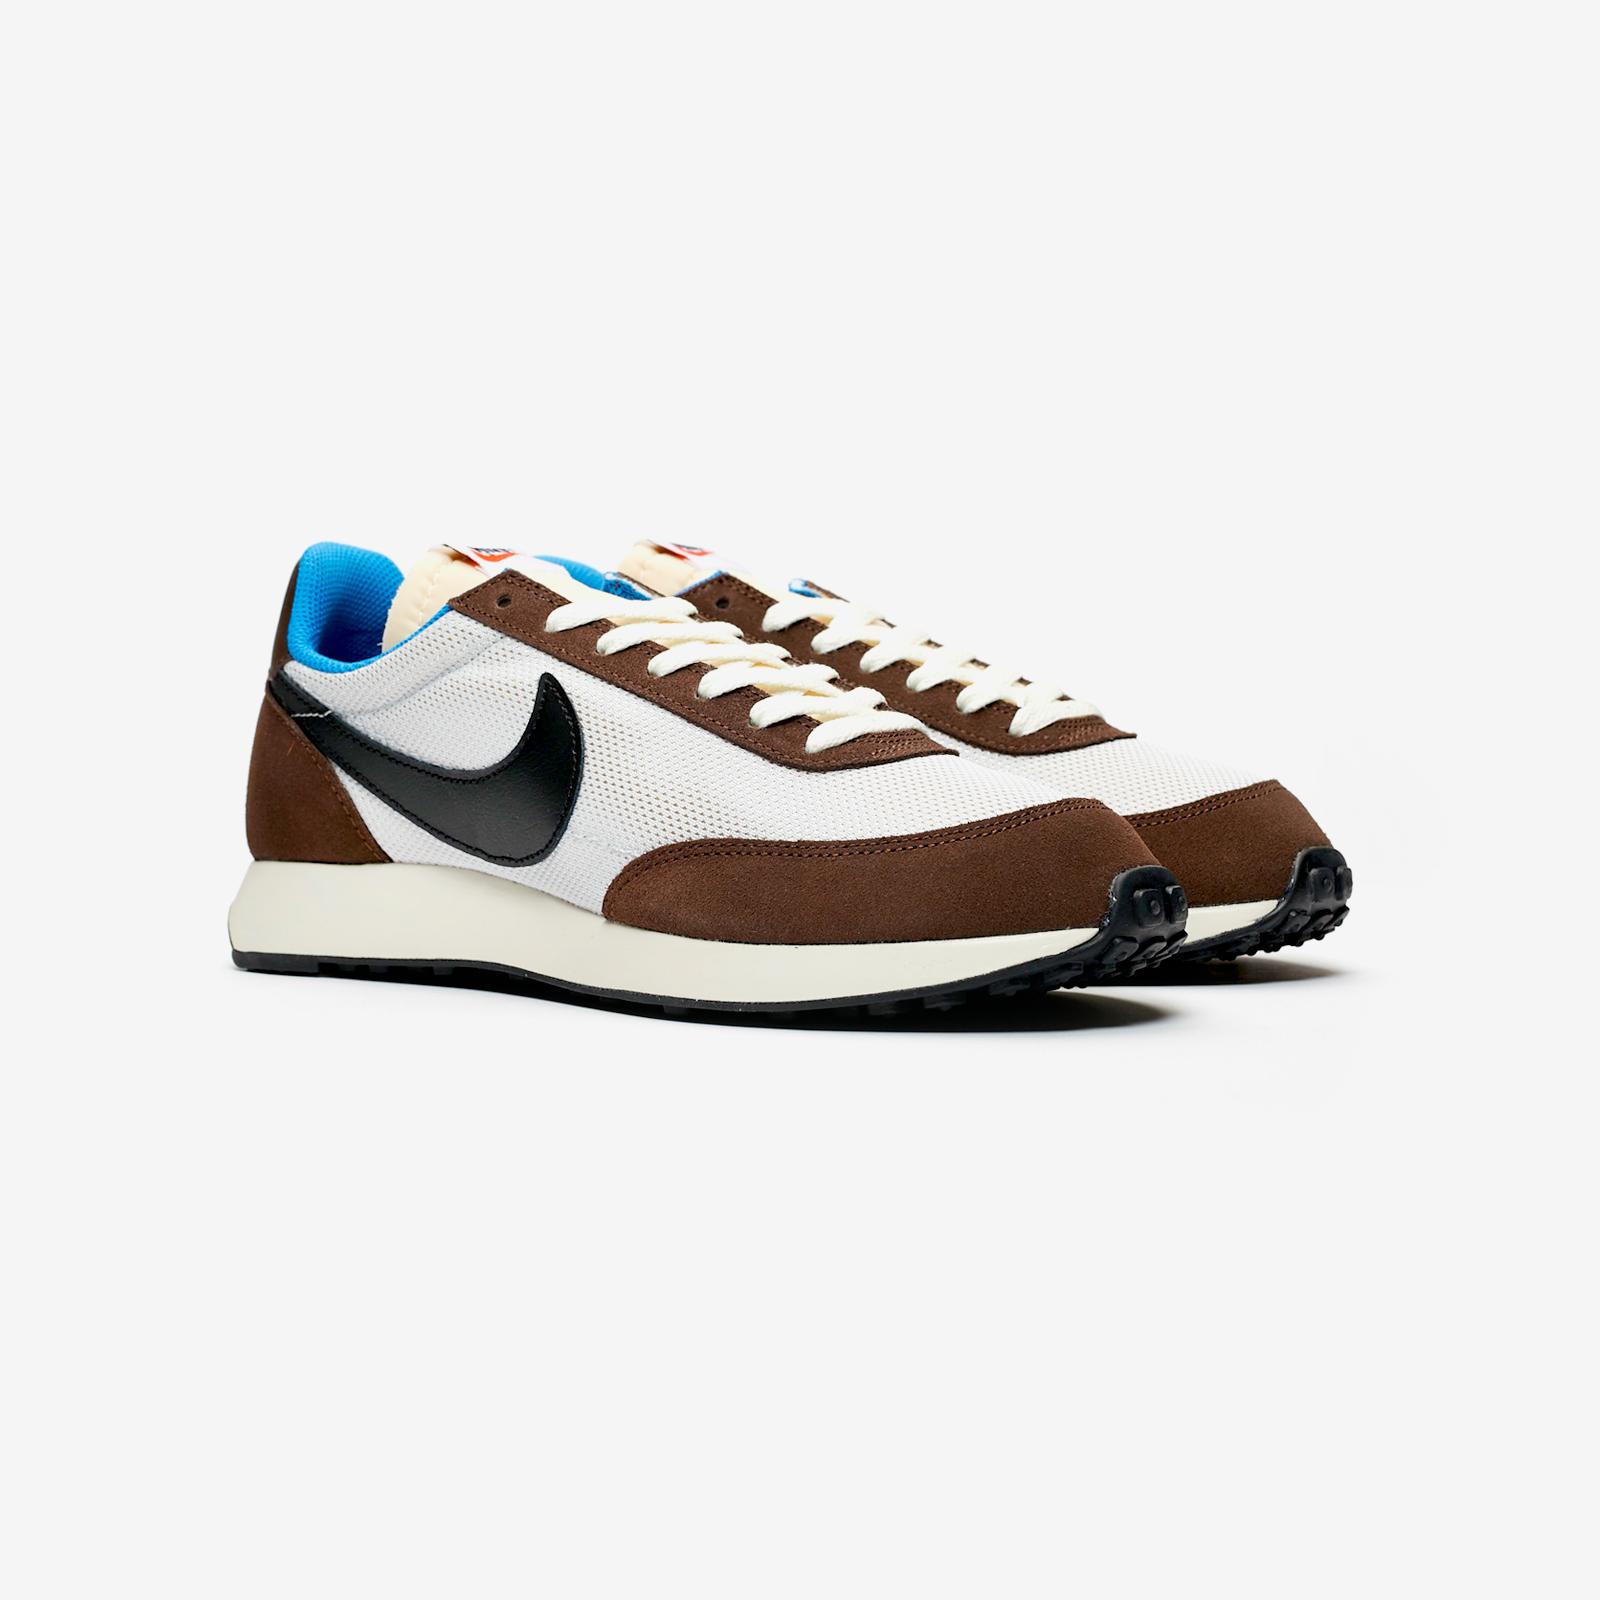 8c0a8639d0 Nike Air Tailwind 79 - 487754-202 - Sneakersnstuff | sneakers & streetwear  online since 1999